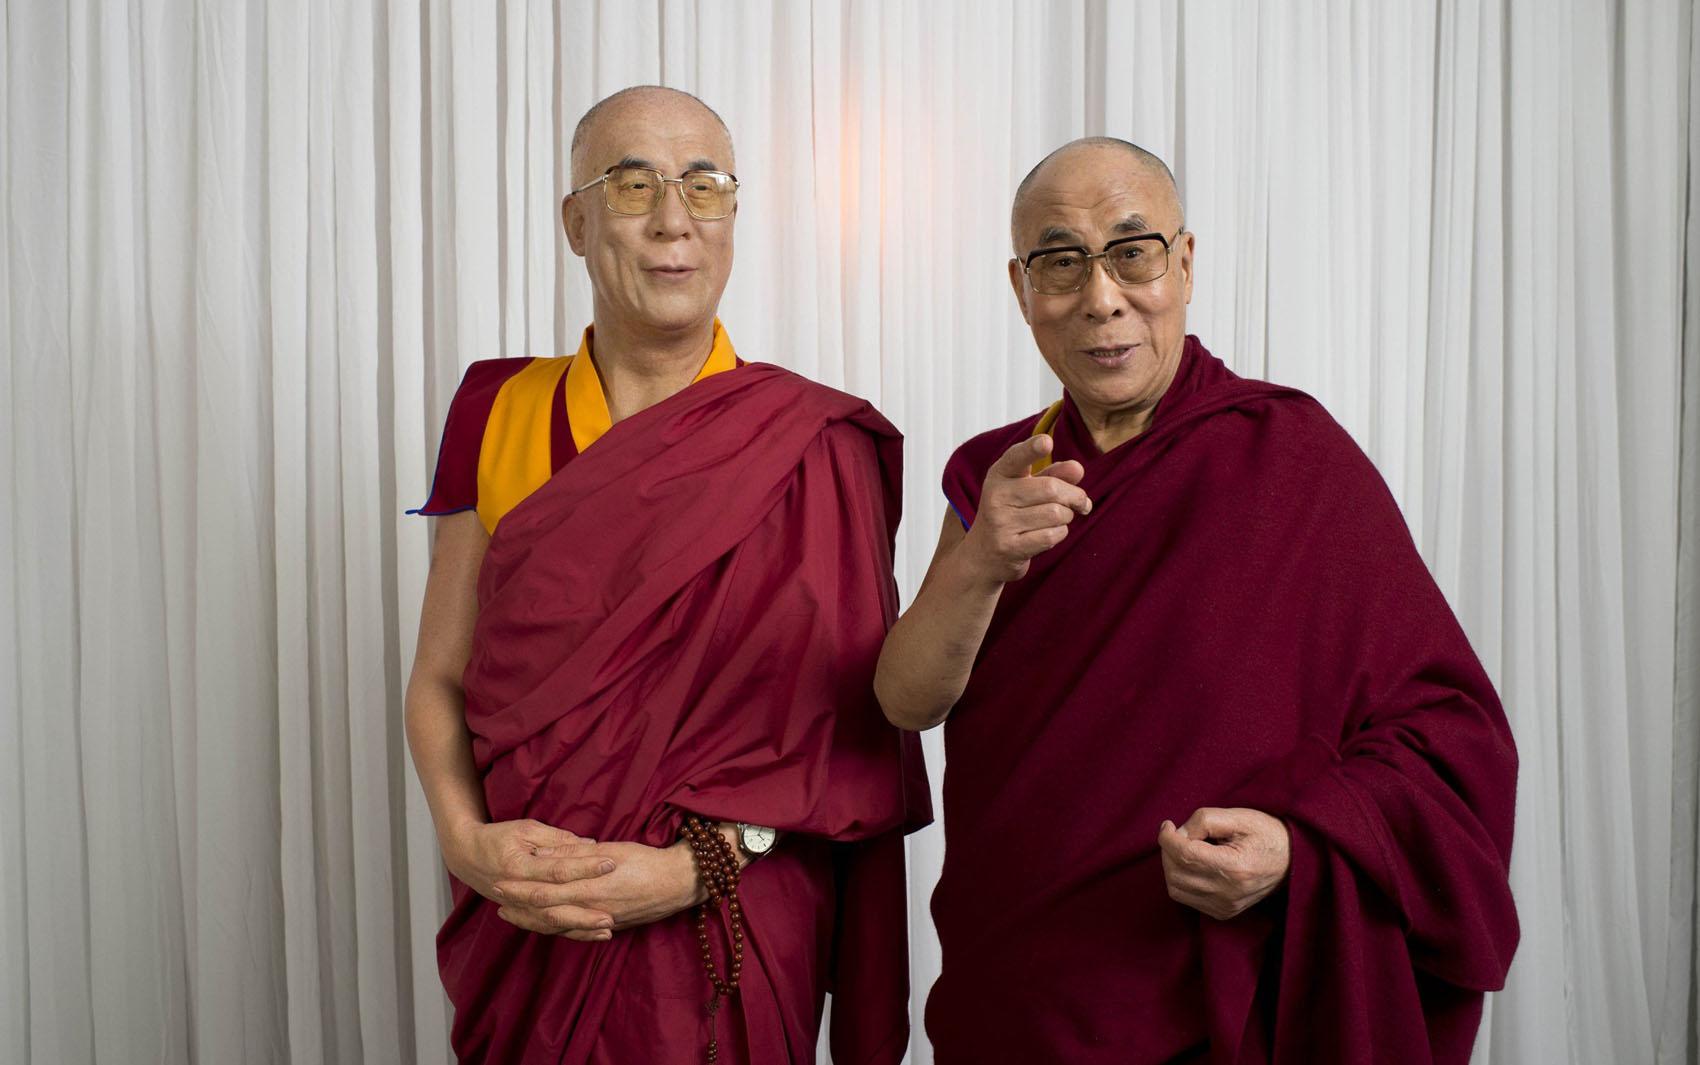 Dalai Lama posa para foto ao lado de sua estátua de cera em museu em Sydney na Austrália.